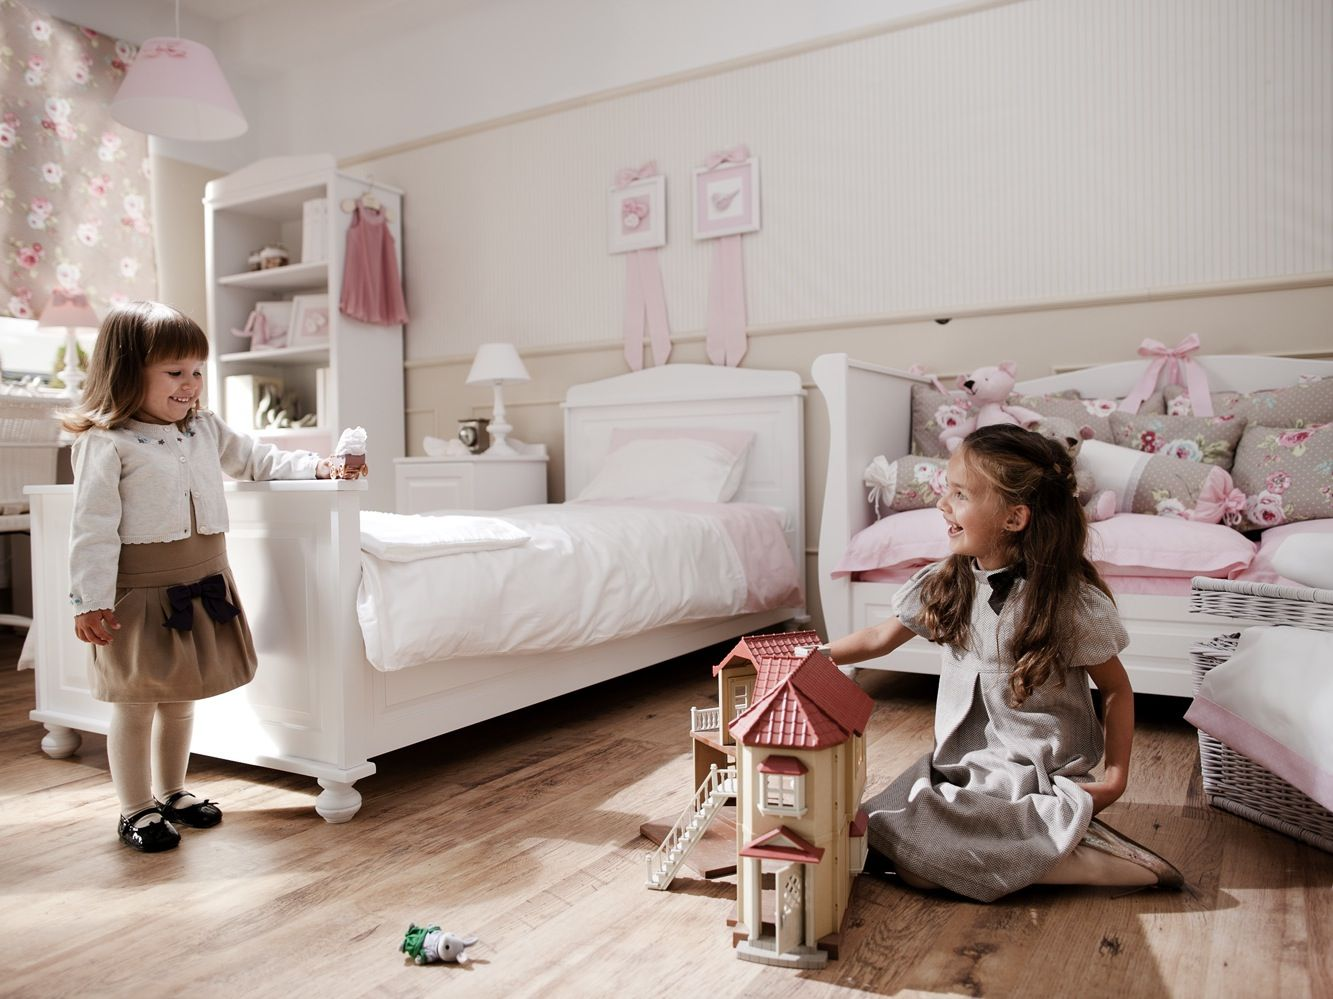 szafa wn kowa czy wolnostoj ca architektura budownictwo i majsterkowanie. Black Bedroom Furniture Sets. Home Design Ideas